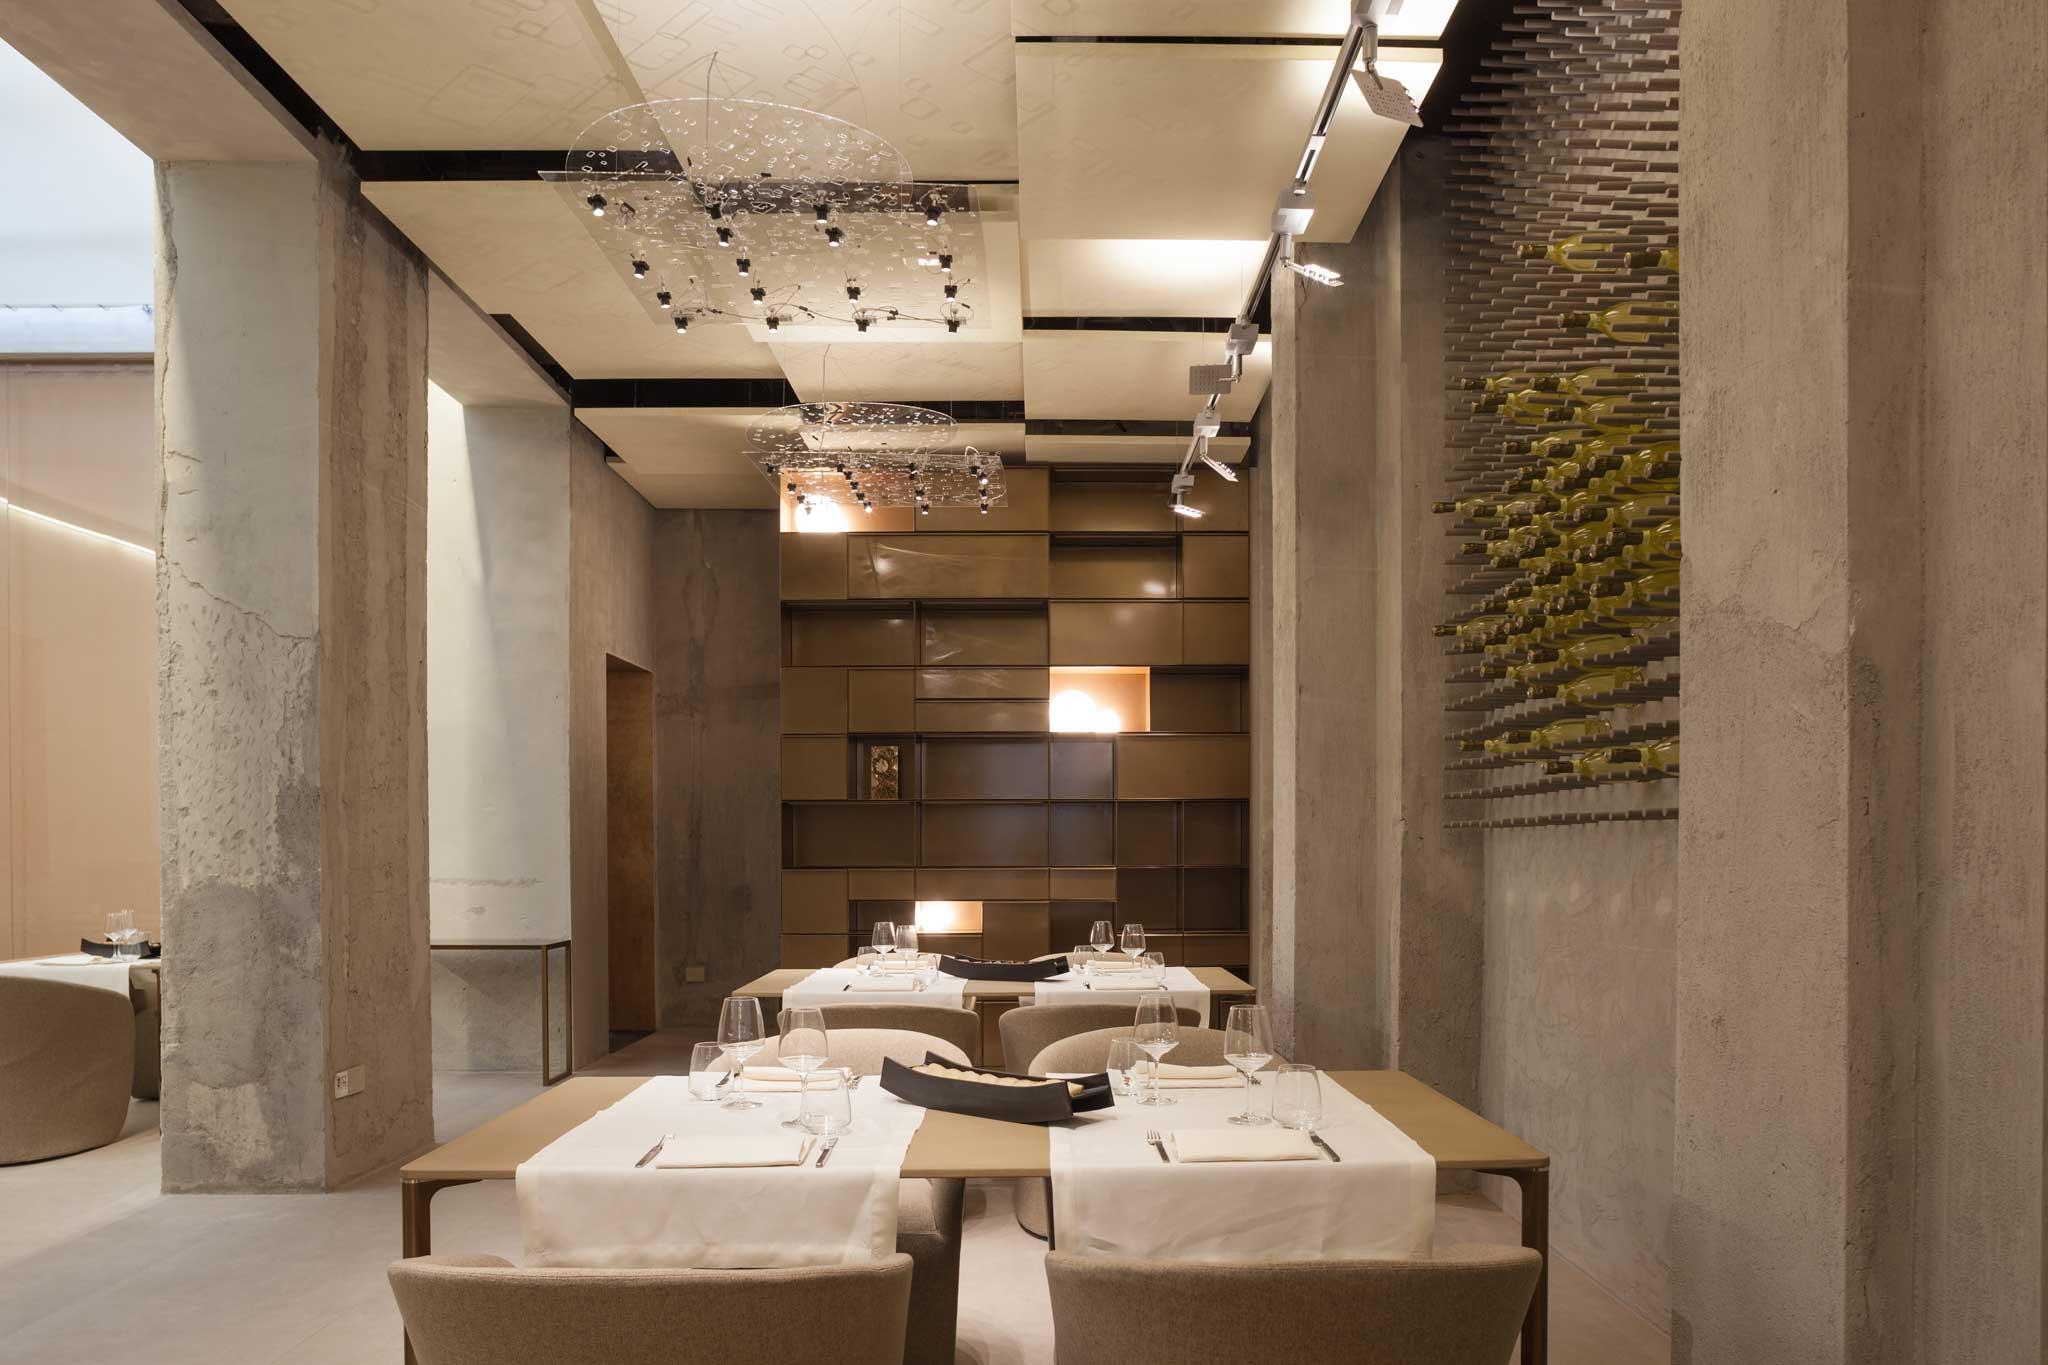 milano cibo vino arte design moda di alta gamma a larte